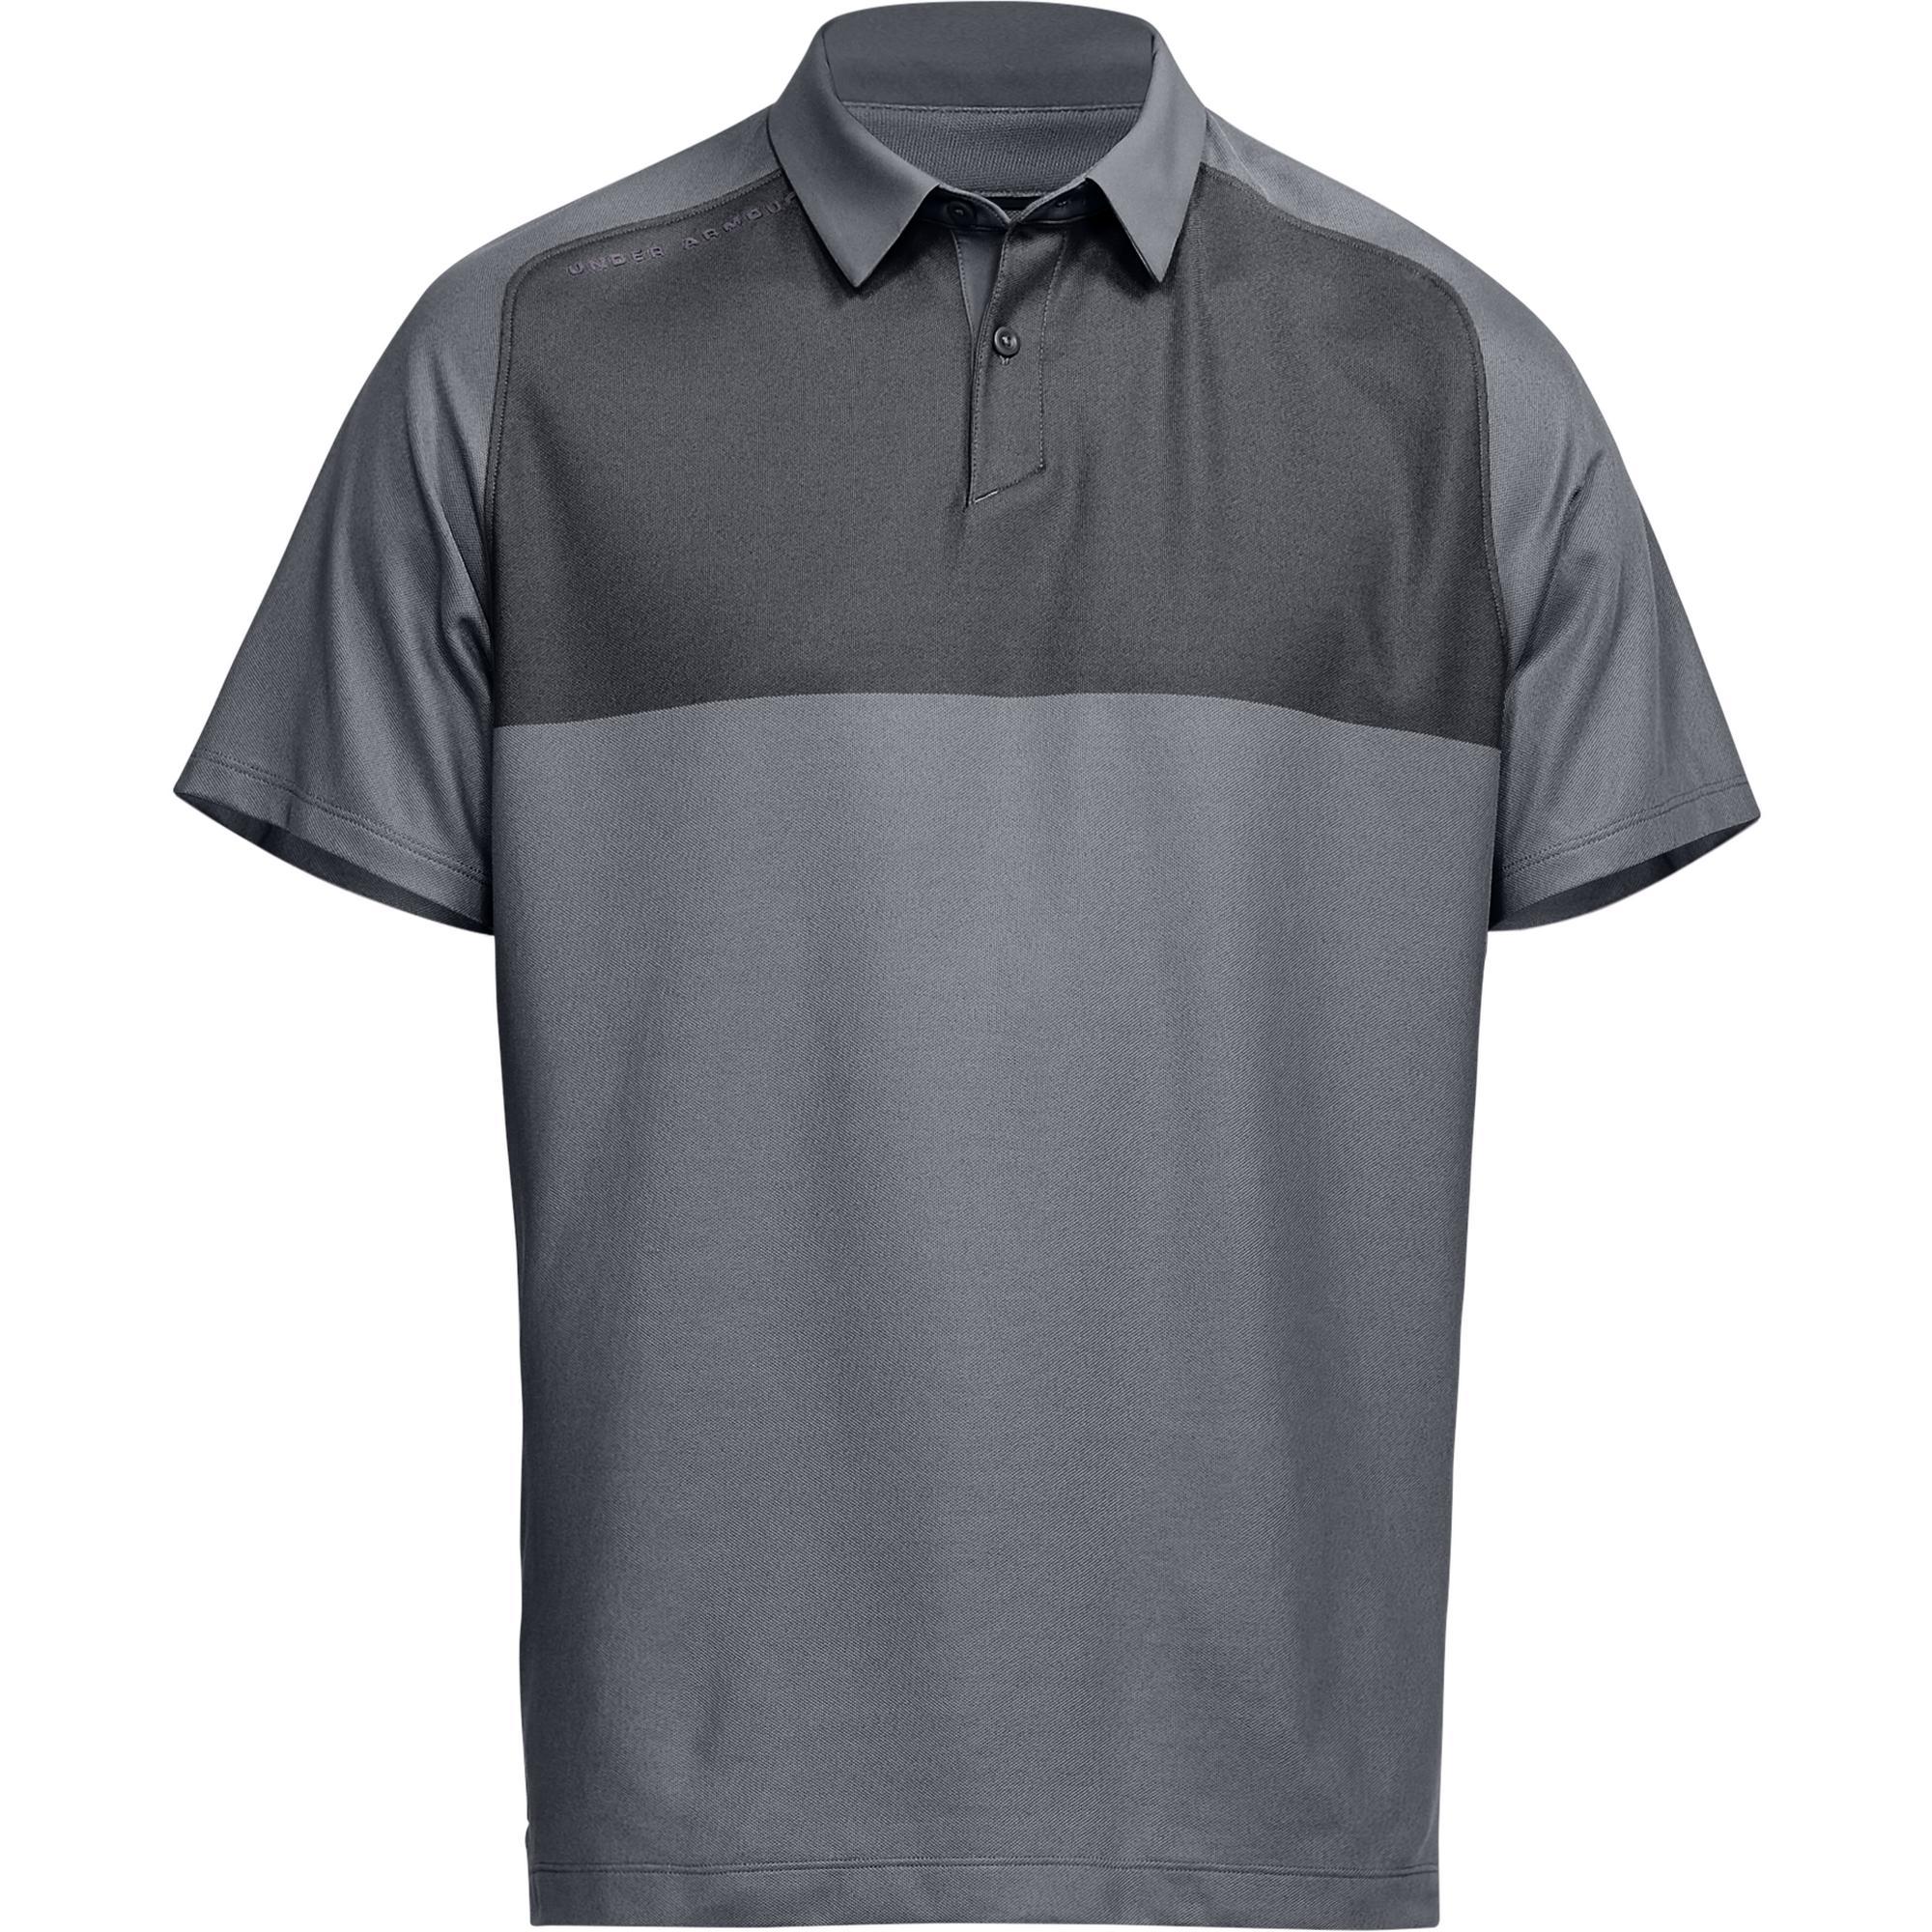 Men's Threadborne Pique Short Sleeve Polo